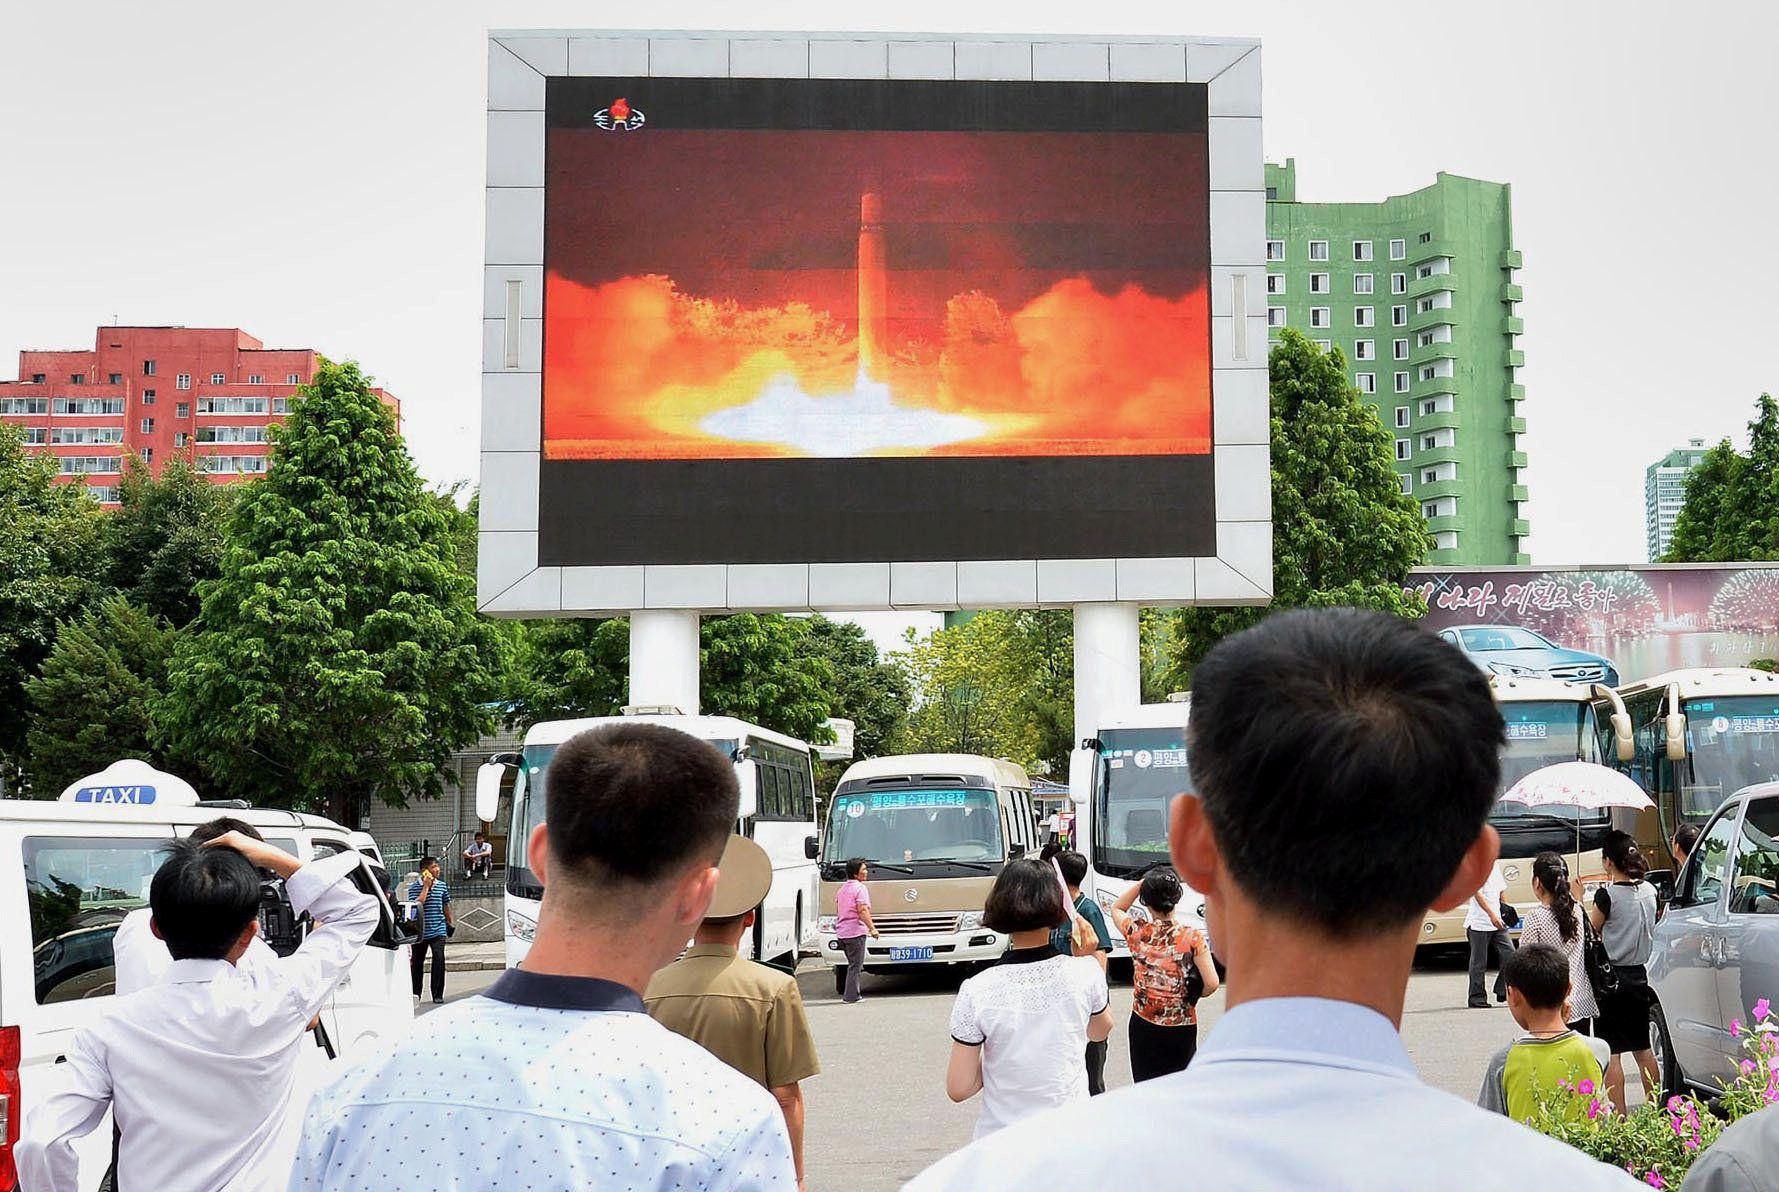 Governo da Coreia do Sul muda de postura após teste de míssil